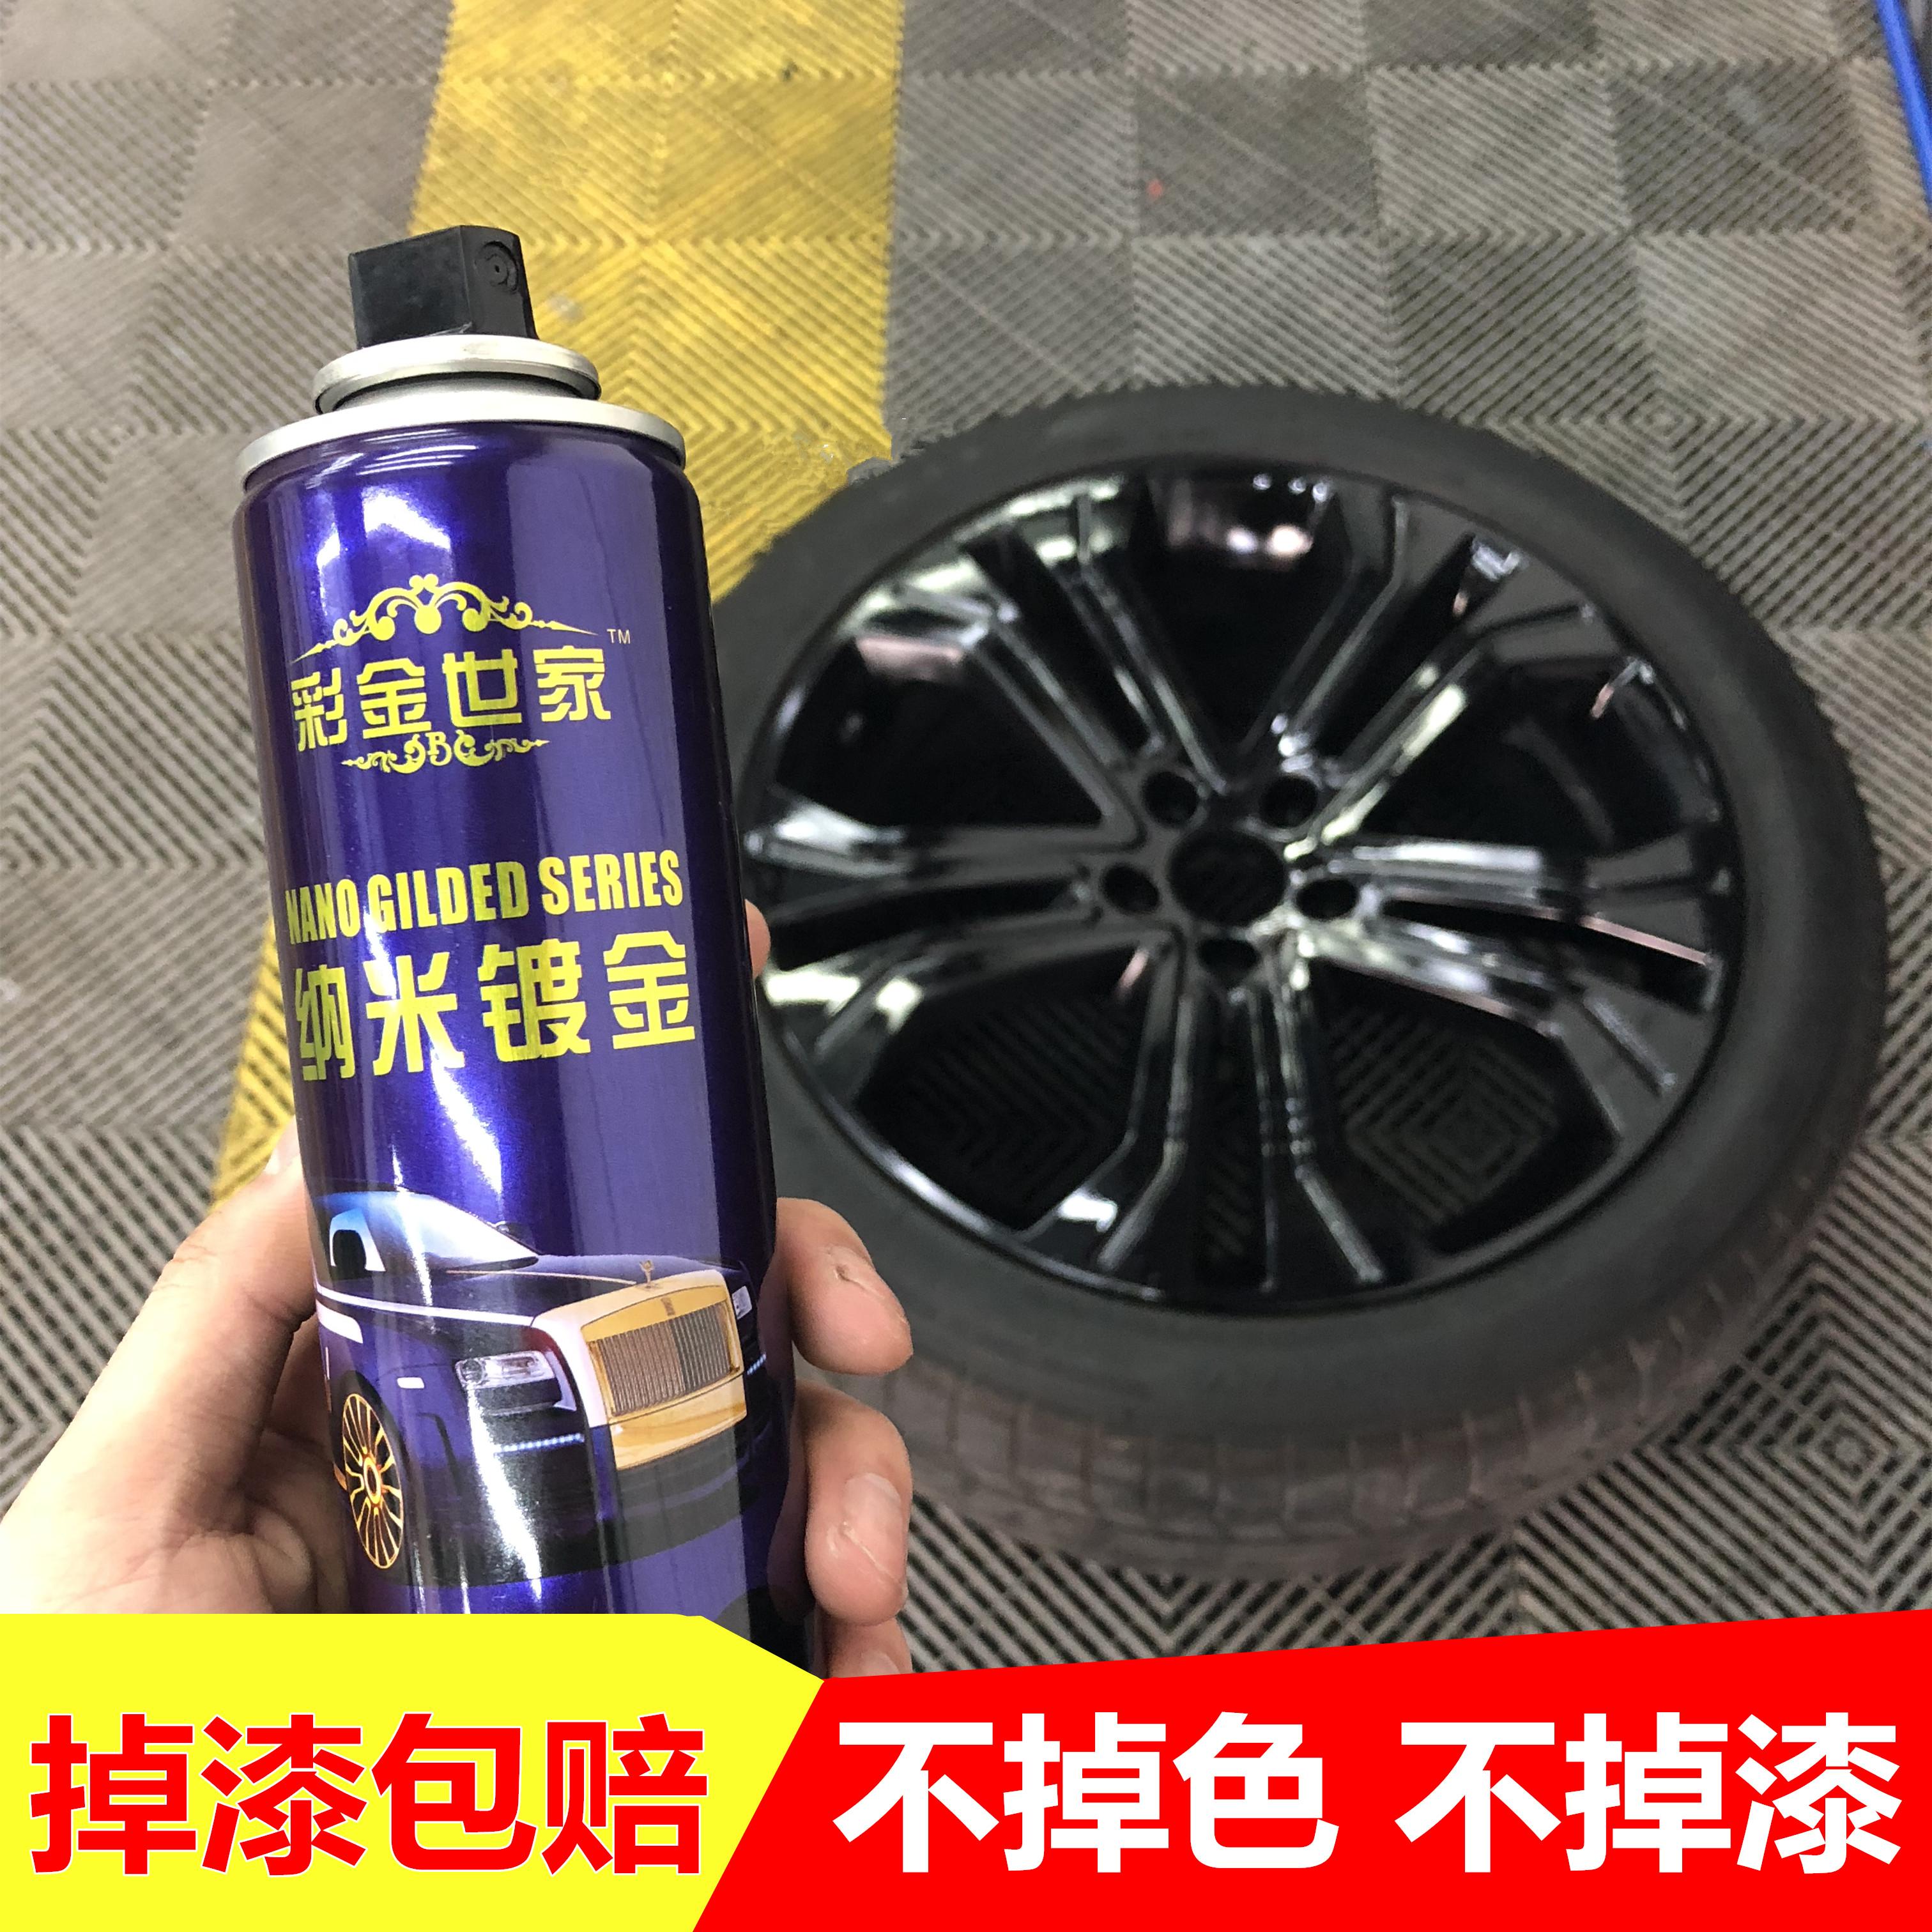 汽车轮毂喷膜车身轮胎中网镀铬改色改装纳米高档电镀轮毂喷漆黑色